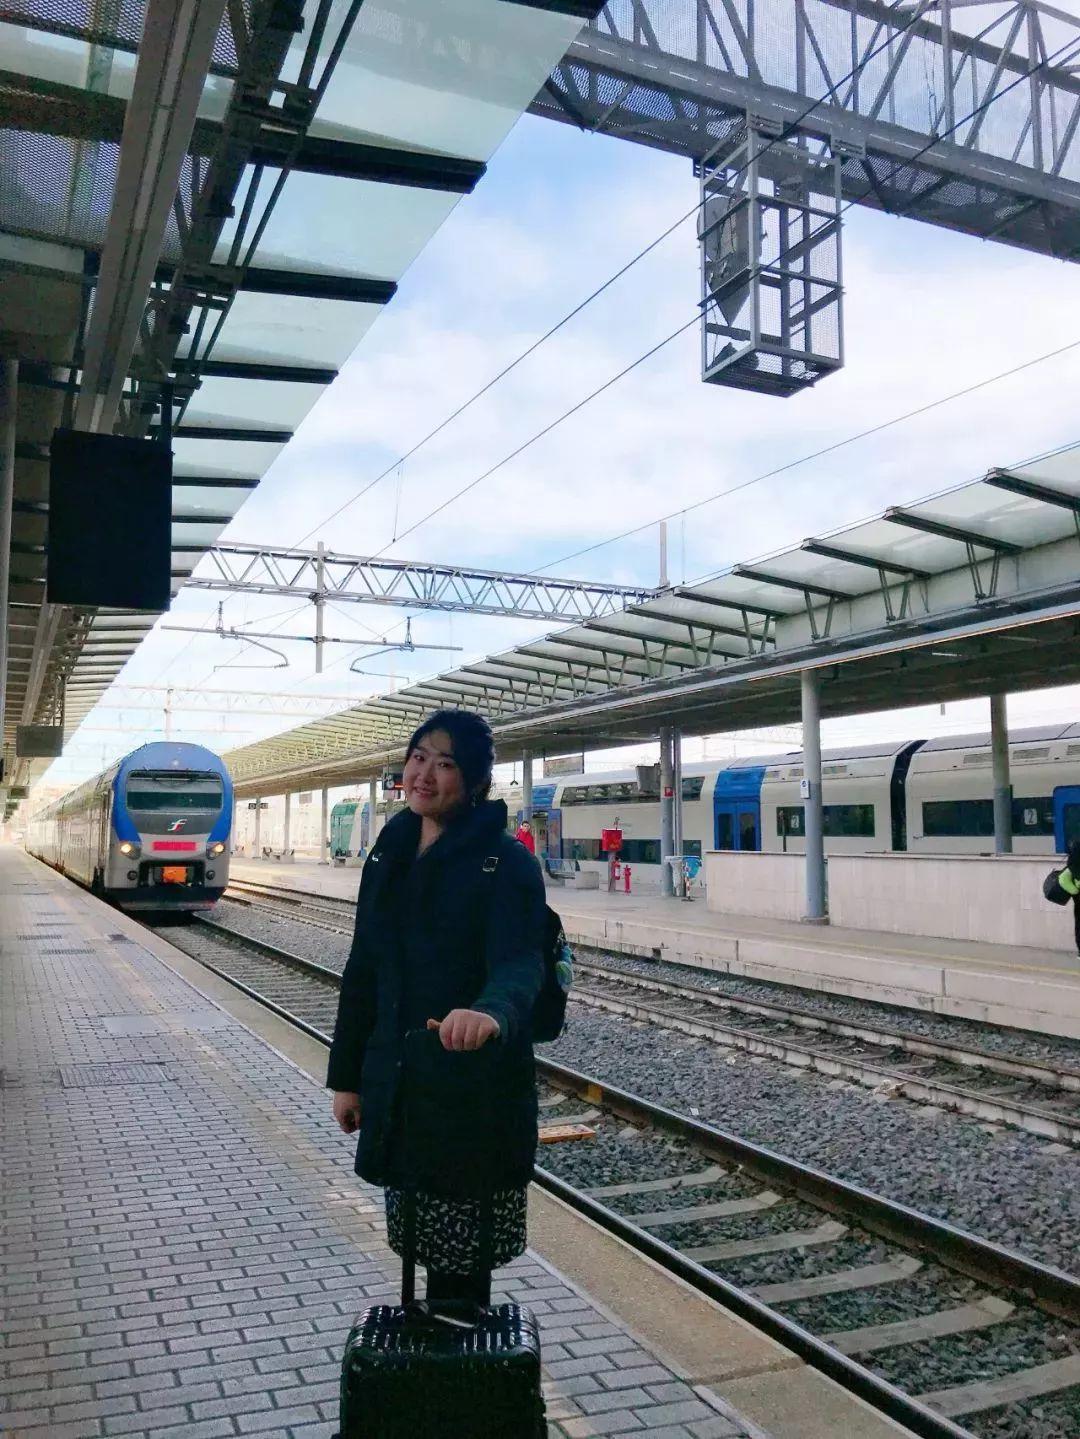 佳鑫在罗马火车站